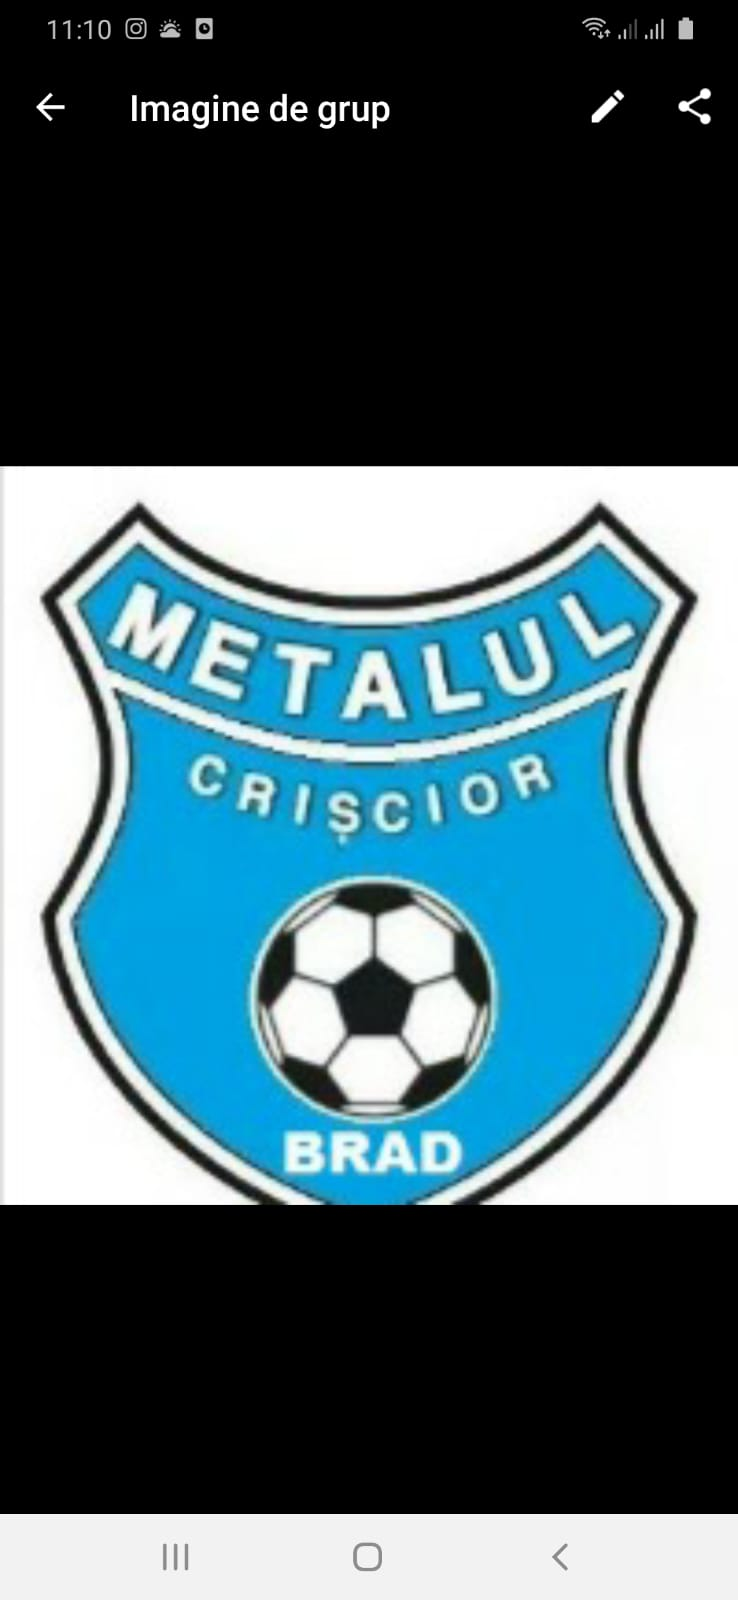 AS Metalul Crişcior Brad